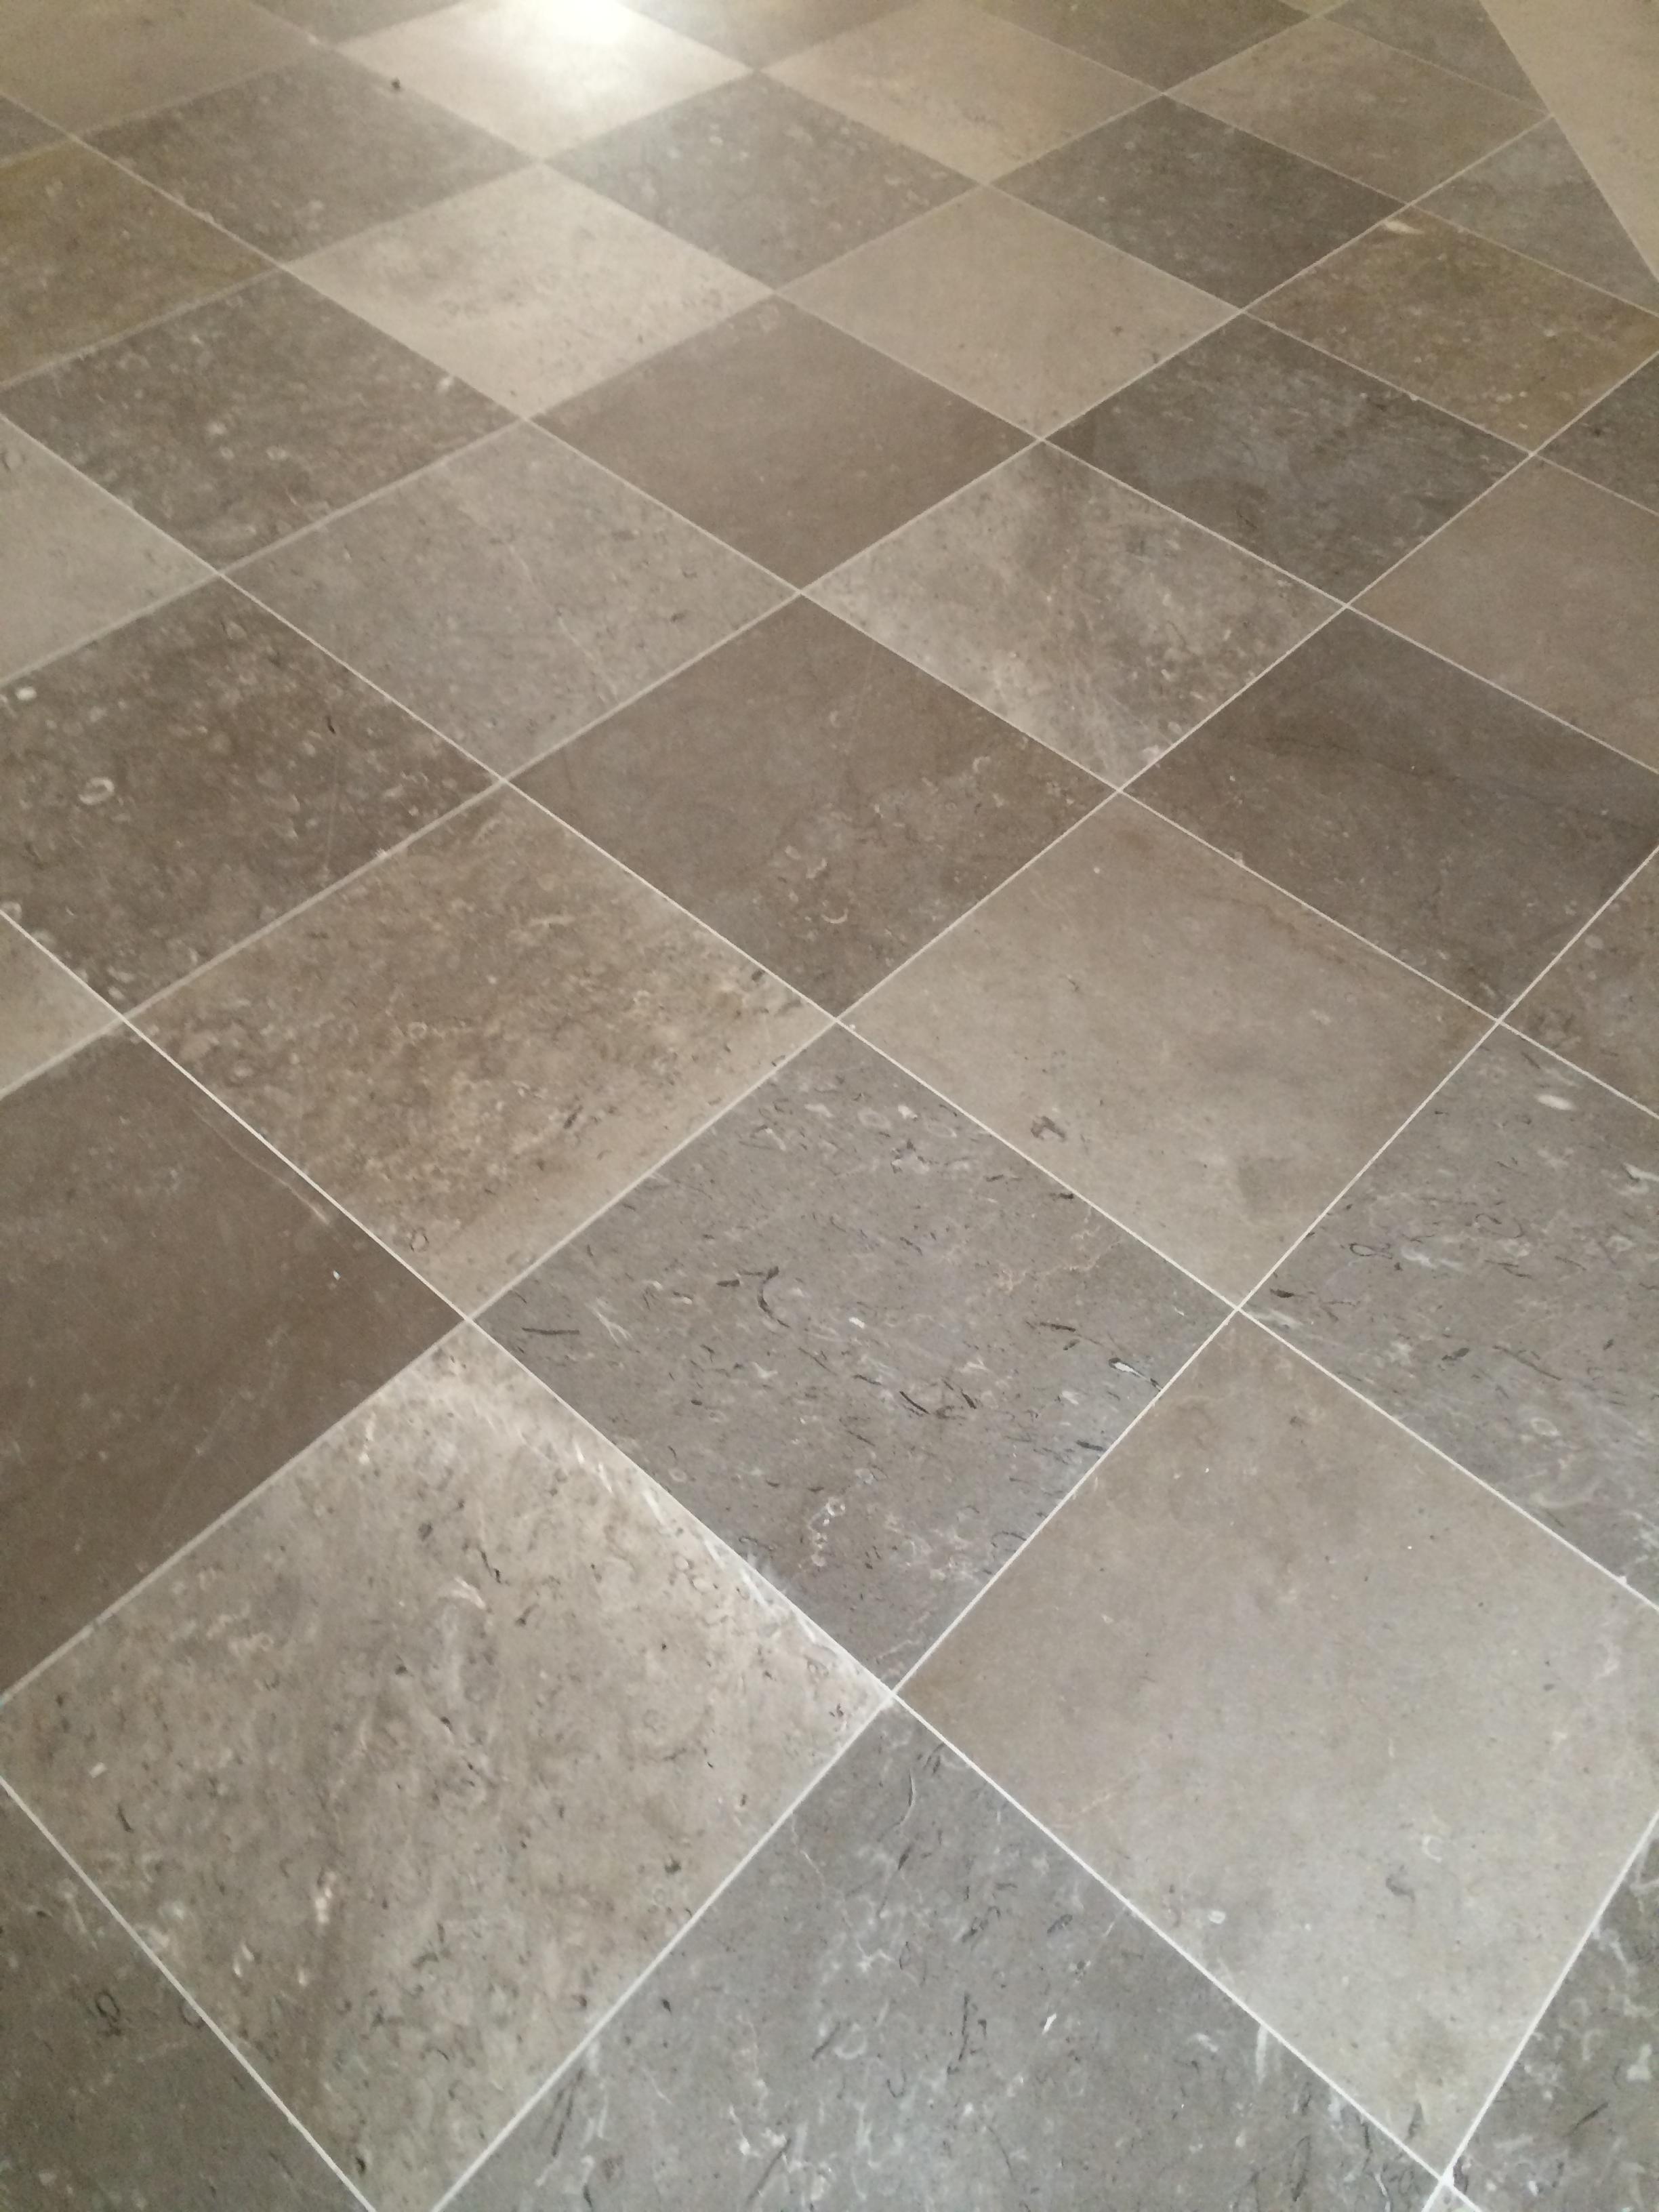 Aurisina Muschelkalkstein aus triest diagonale verlegung von natursteinplatten. .JPG